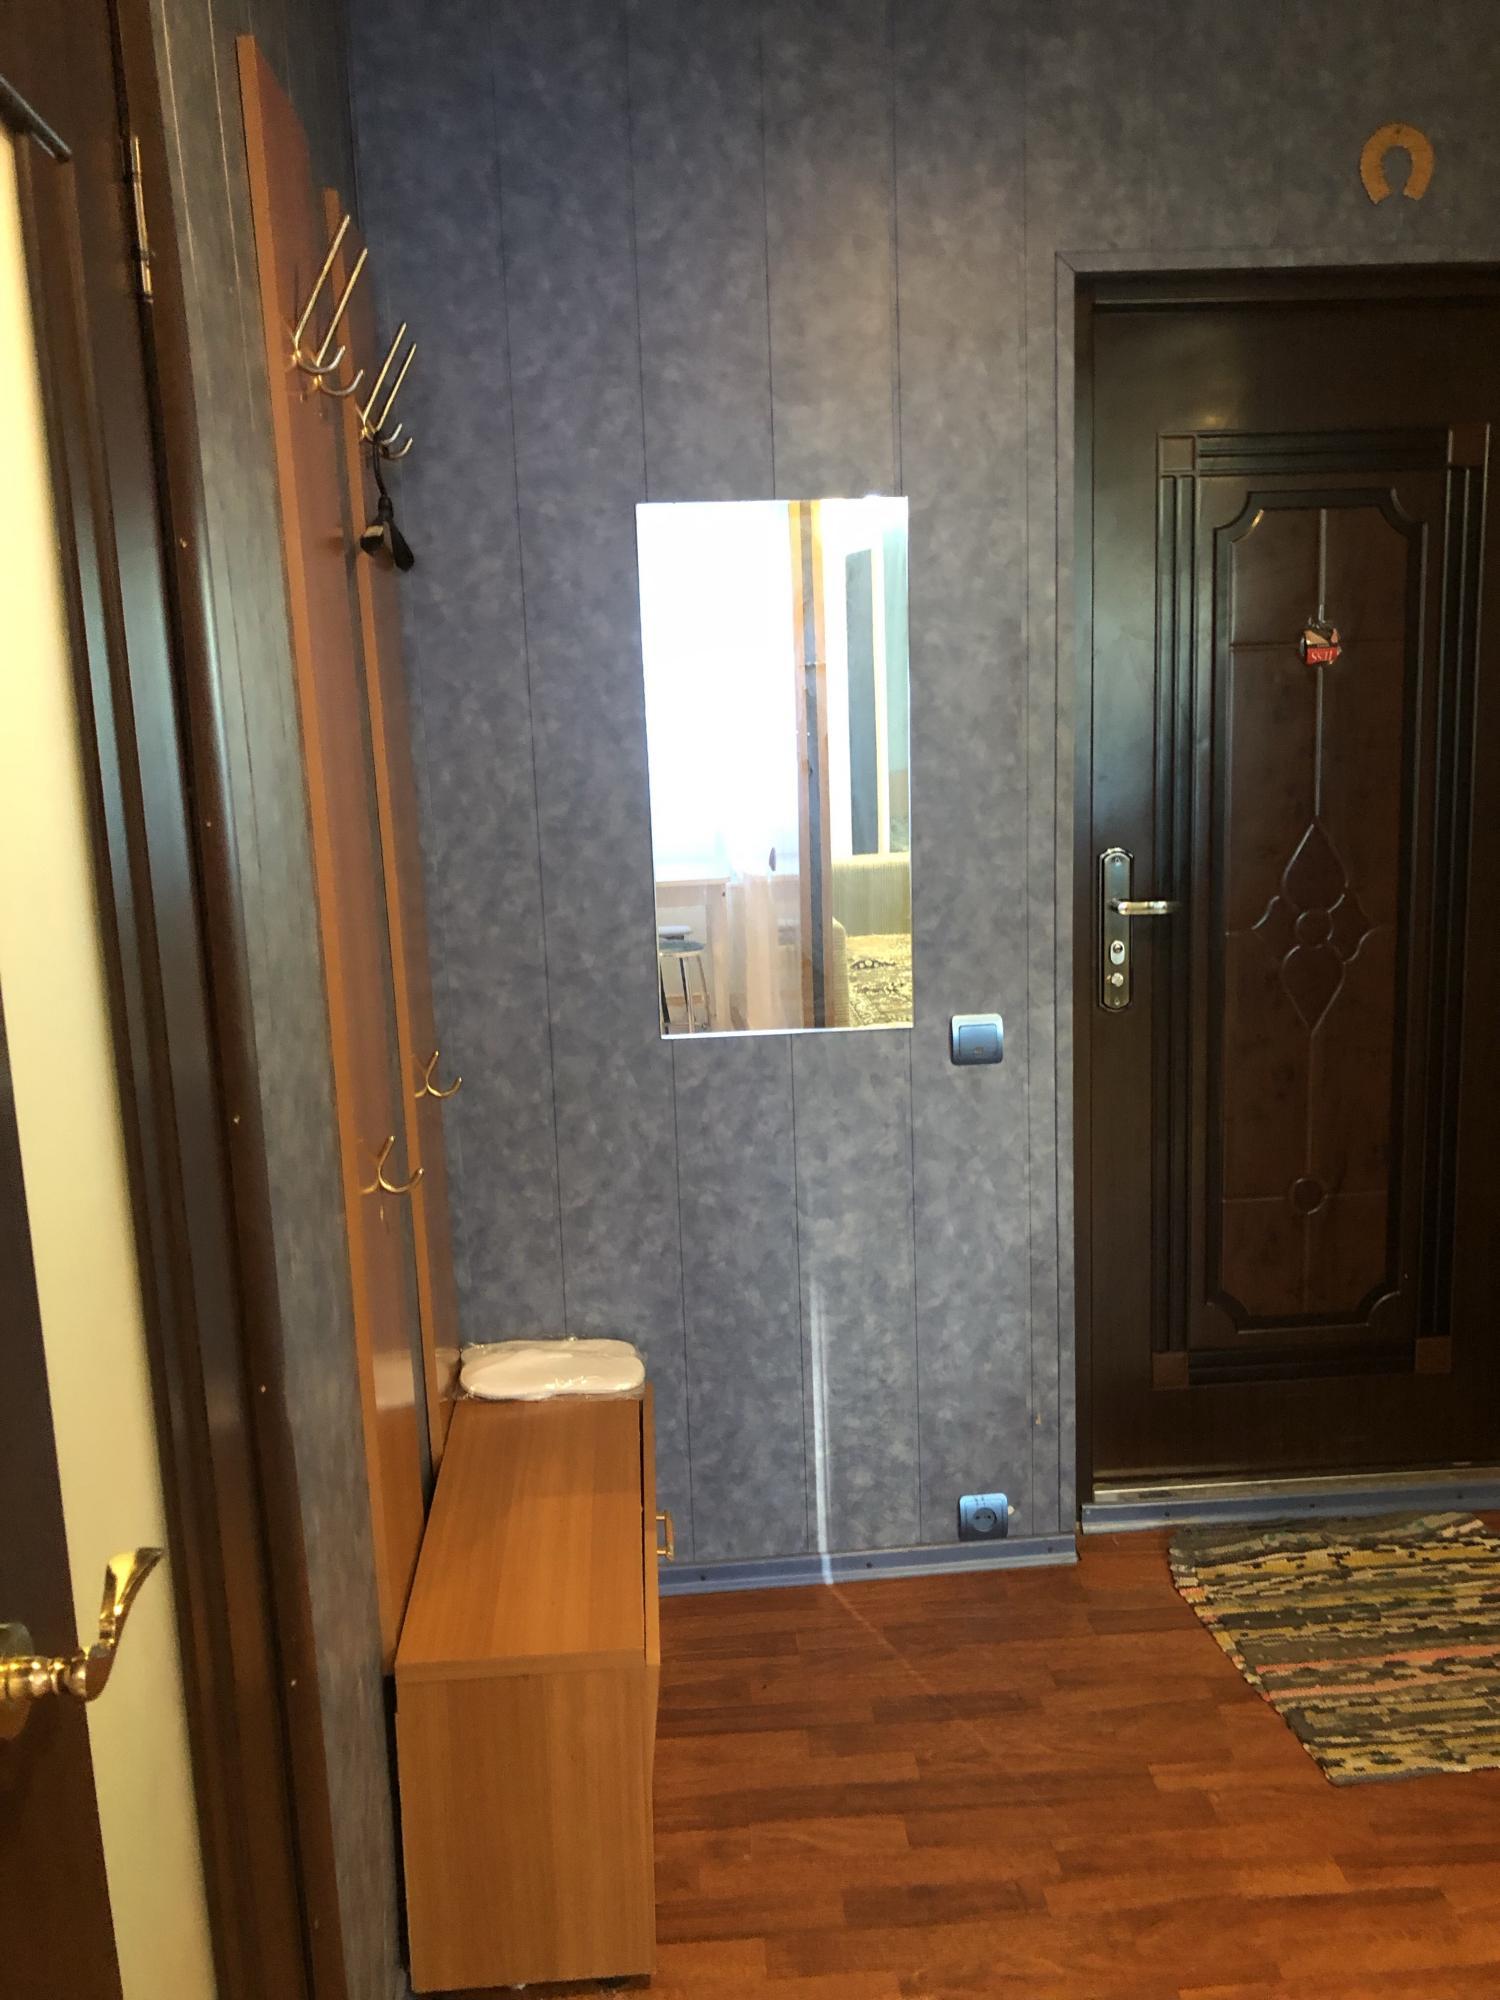 Аренда 1-комнатной квартиры, г. Тольятти, Баныкина улица  дом 46